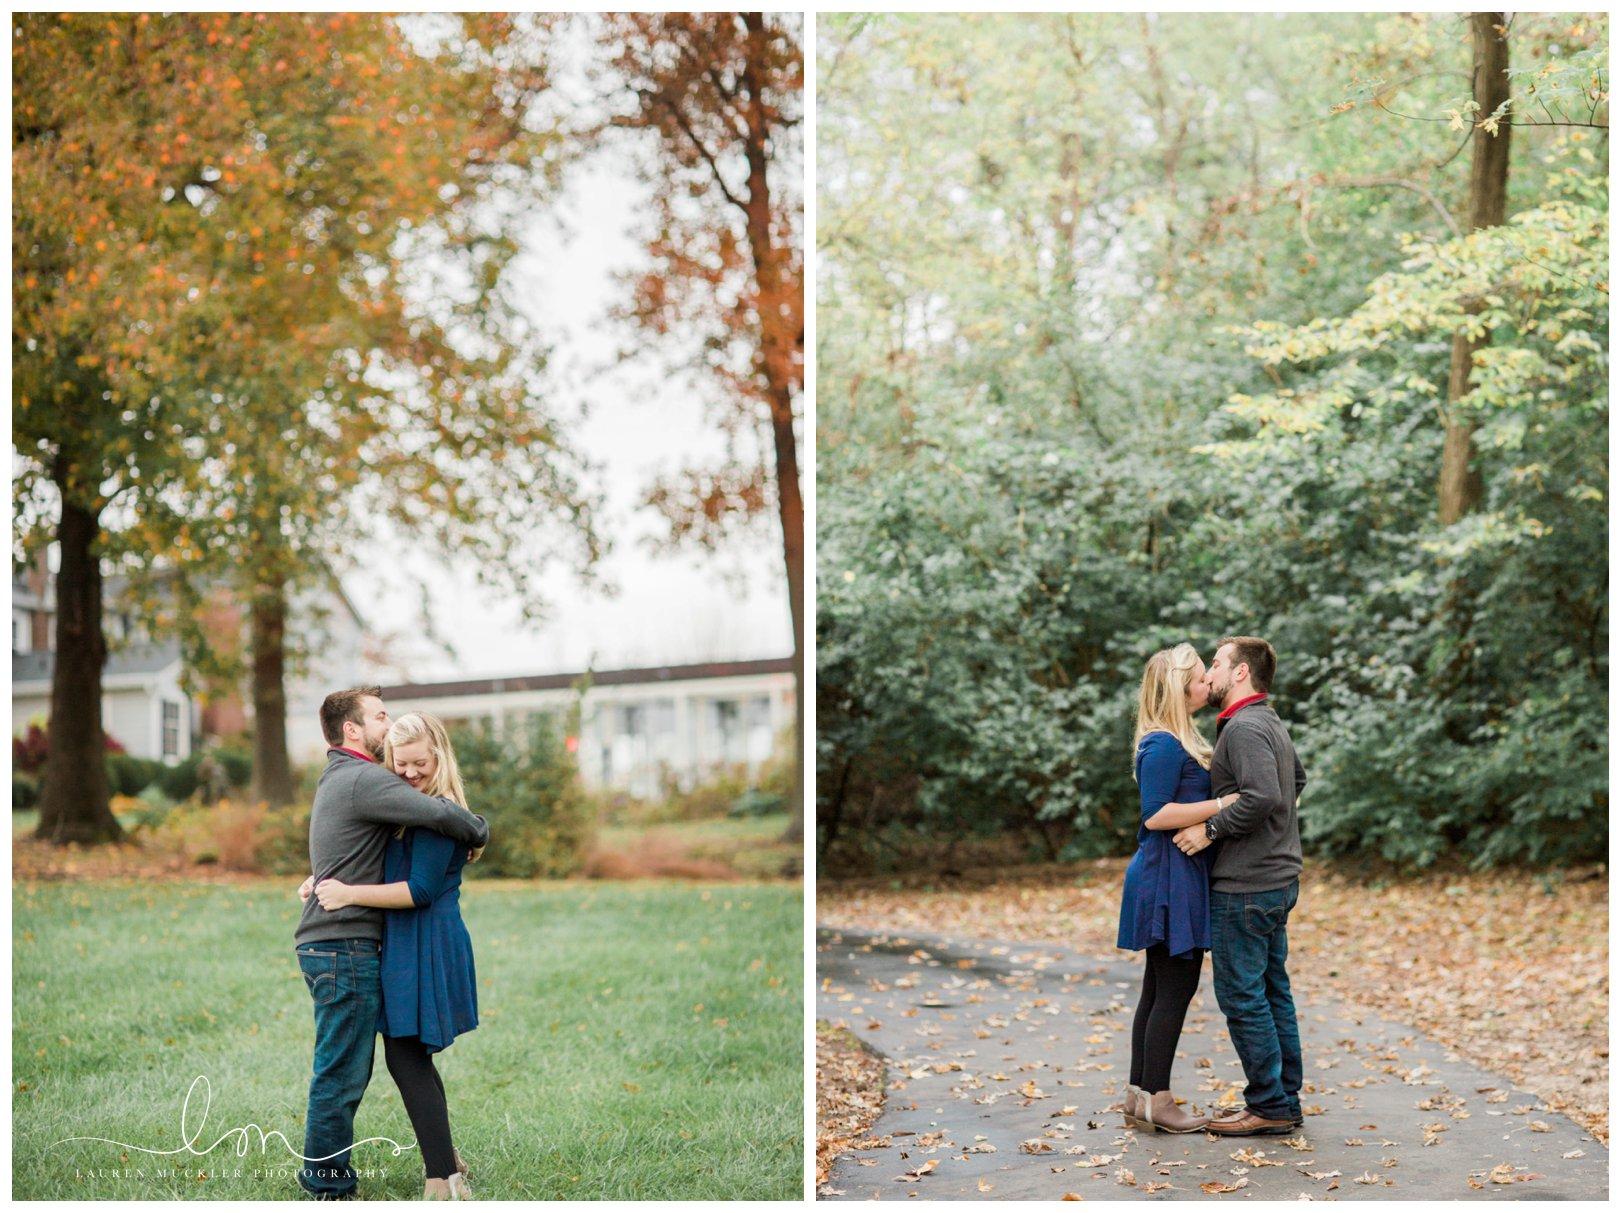 lauren muckler photography_fine art film wedding photography_st louis_photography_0795.jpg